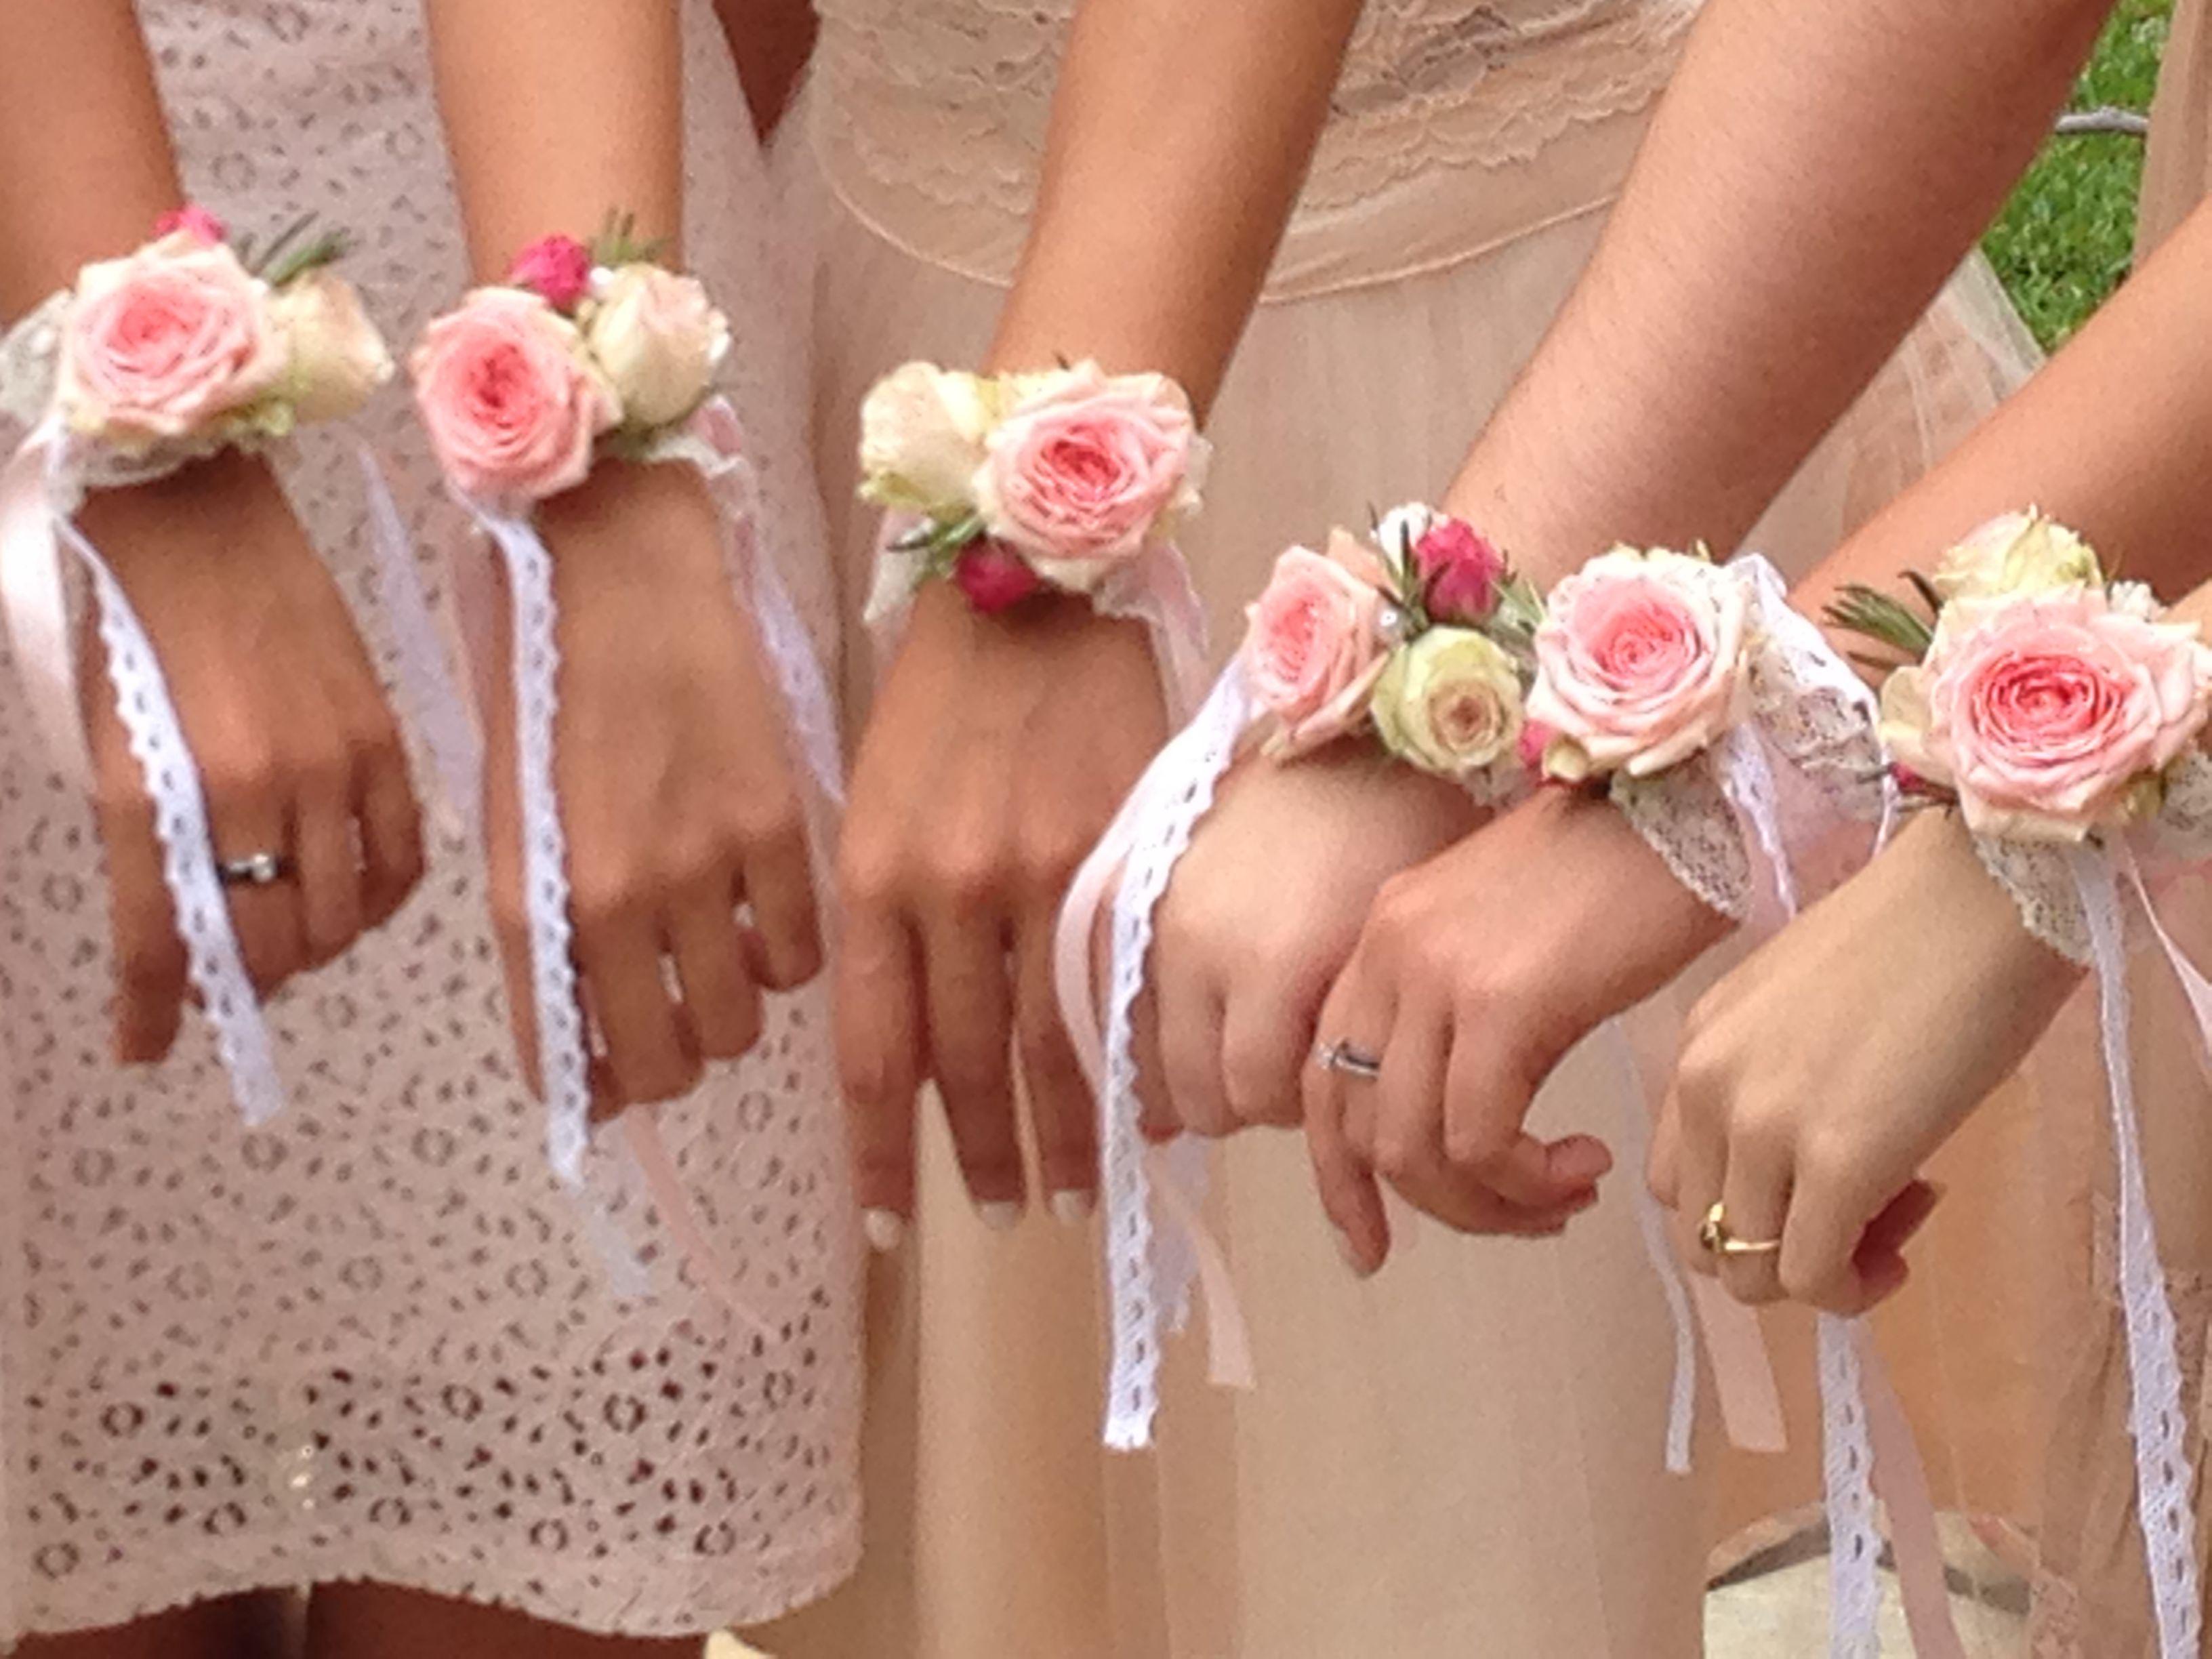 bracelets des demoiselles d'honneur, pour remplacer les